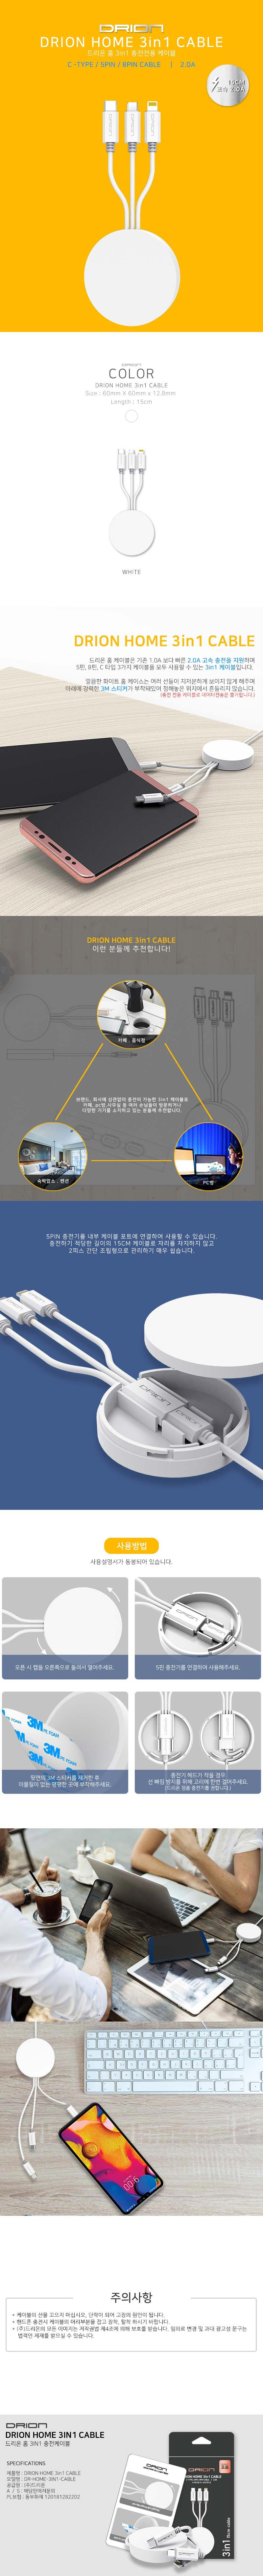 드리온 홈 3in1 멀티 케이블 USB (15cm) - 원스컴퍼니, 4,900원, 이어폰, 이어폰 악세서리